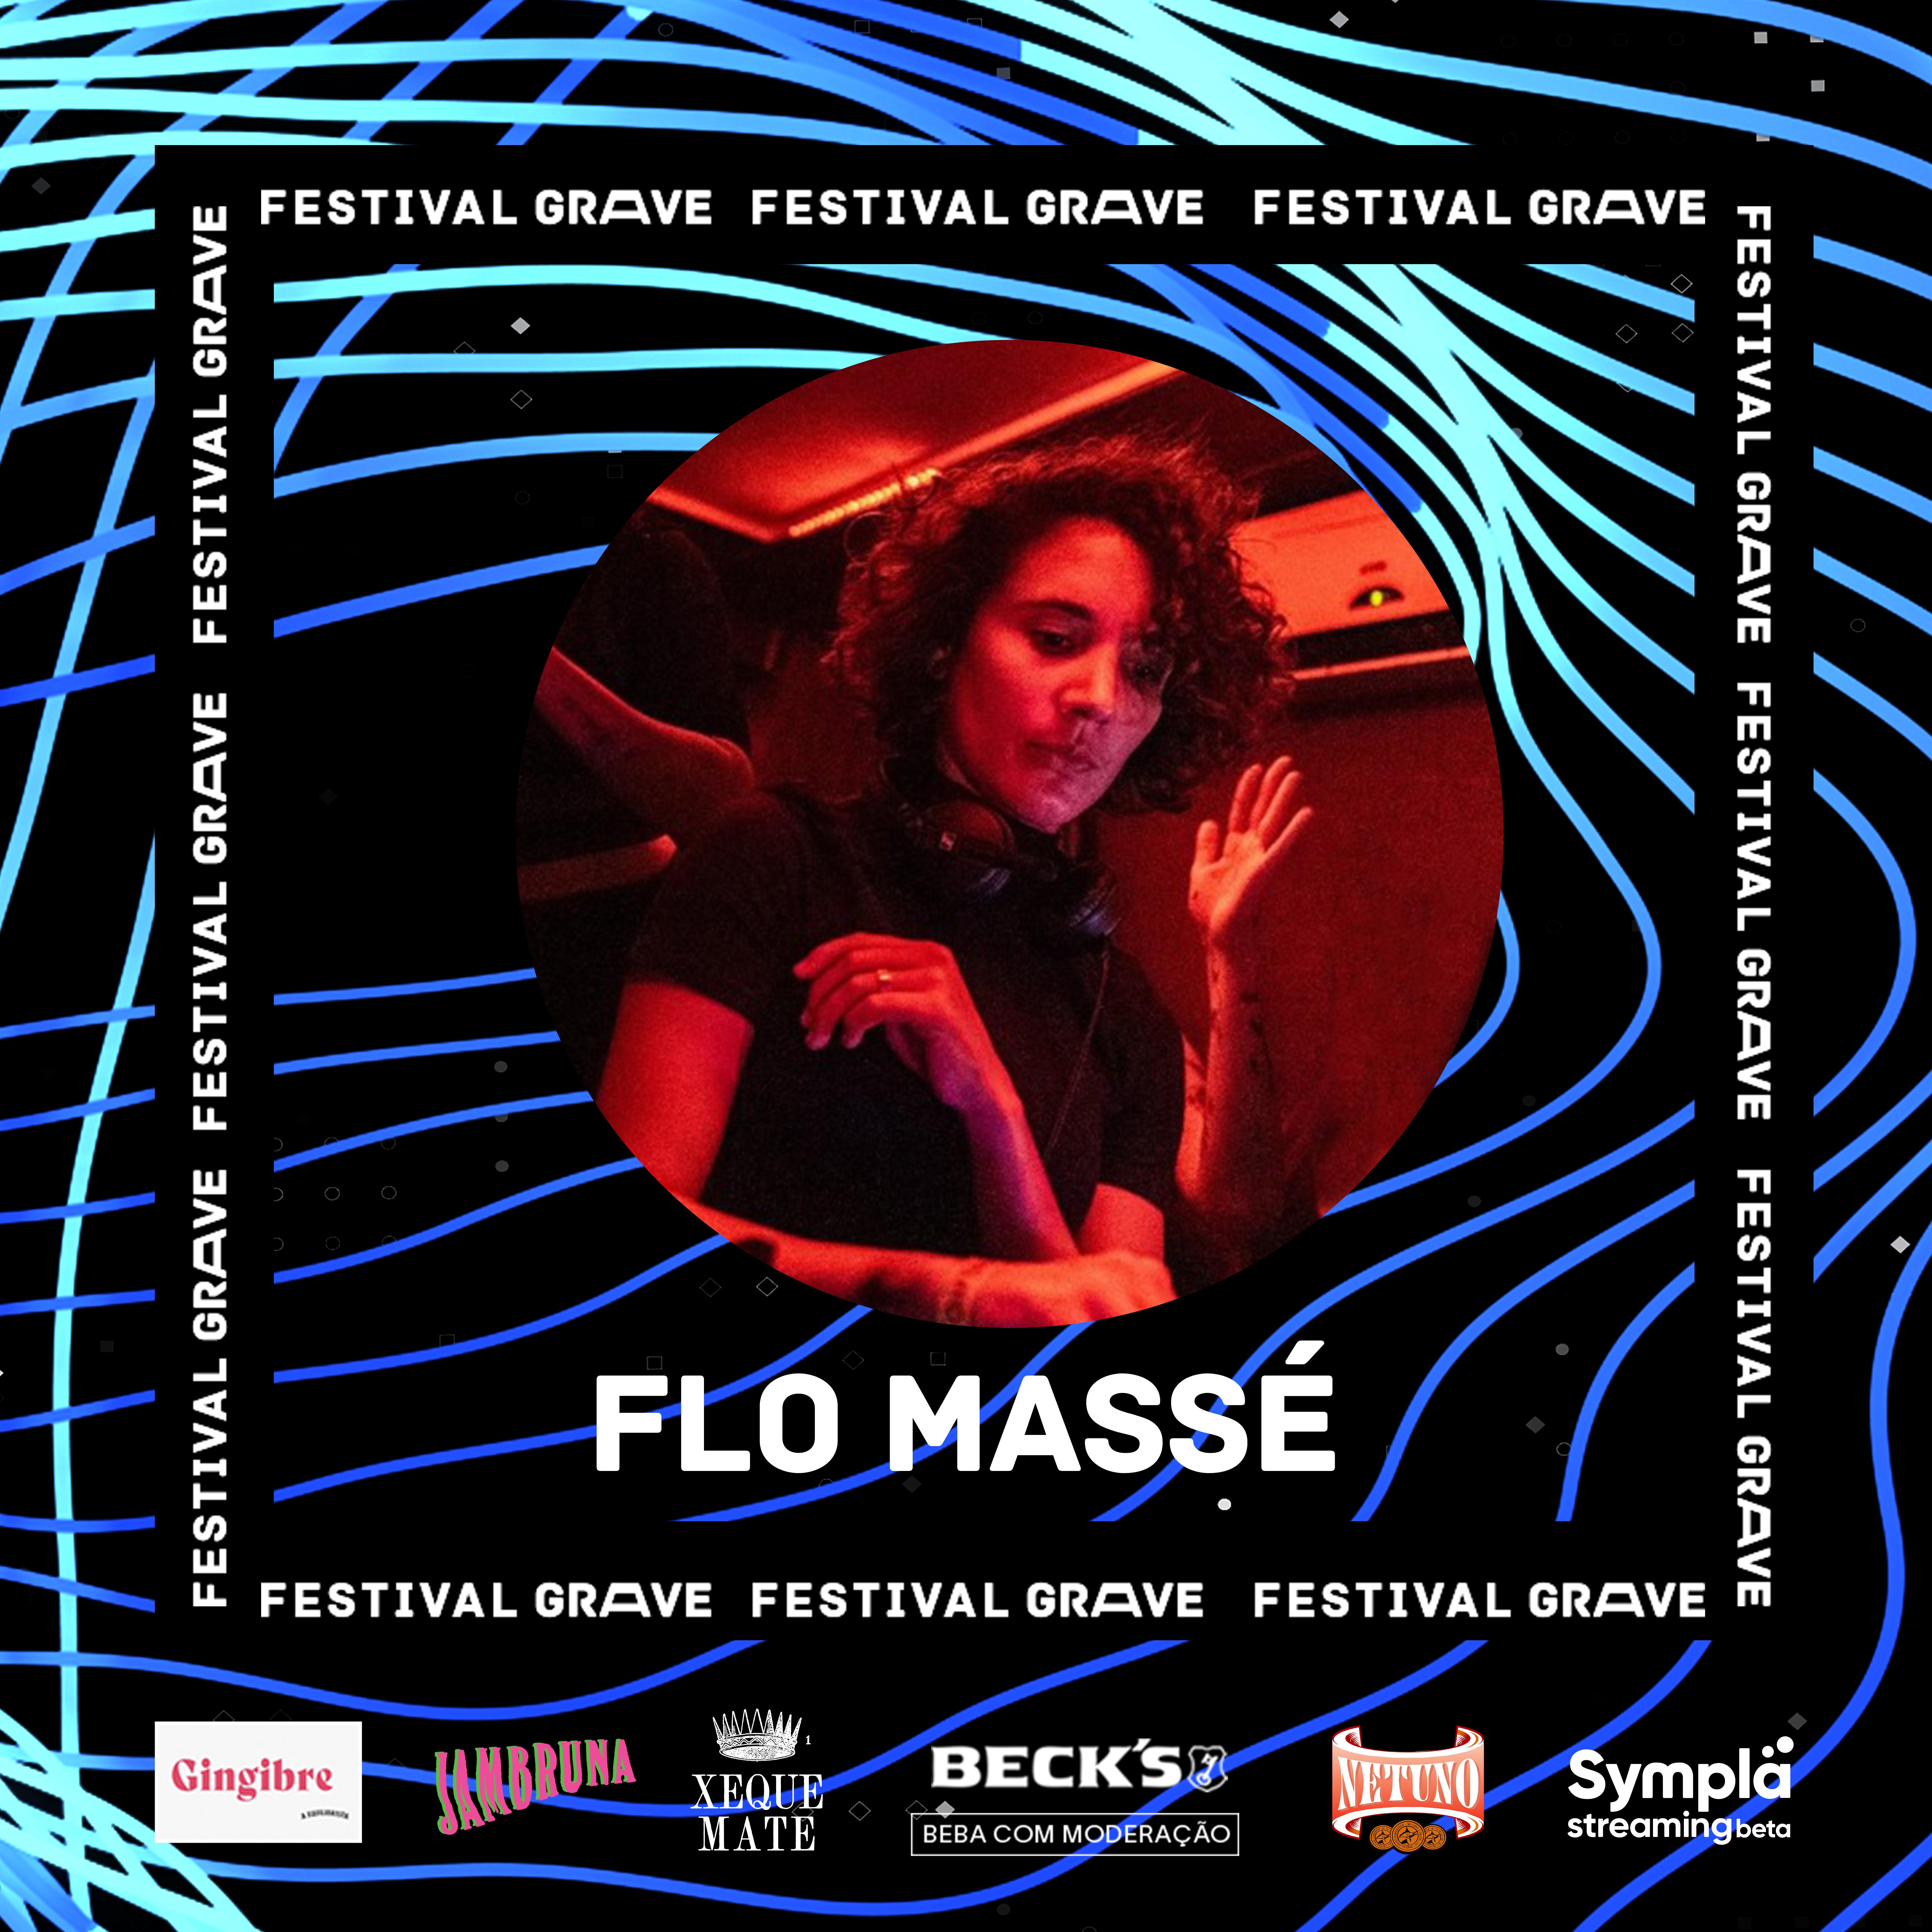 Flo Massé